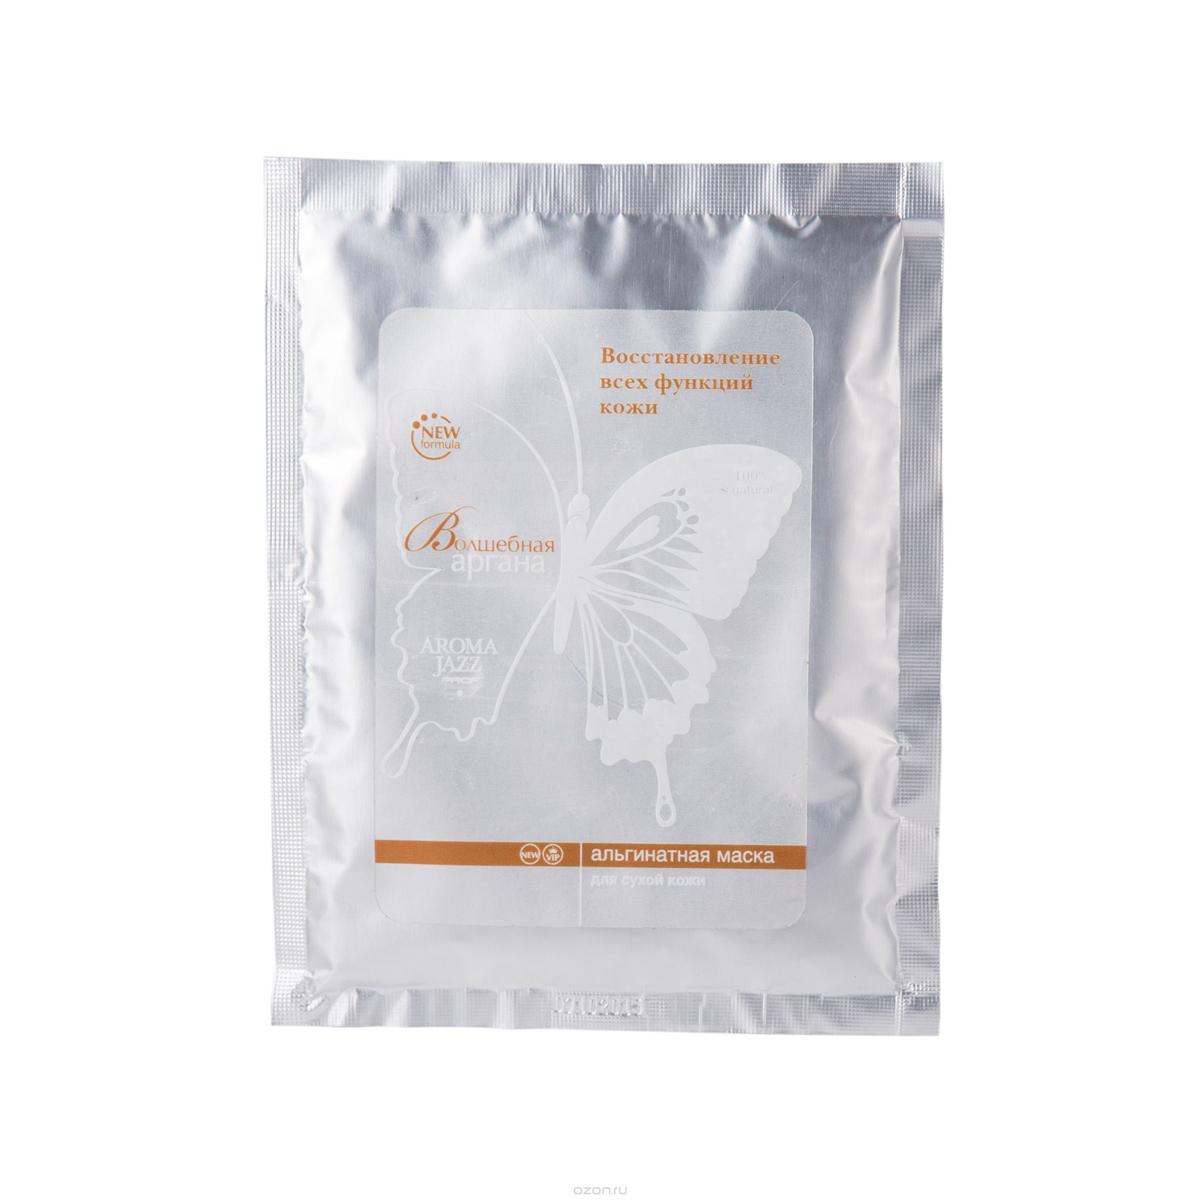 Aroma Jazz Пластифицирующая альгинатная маска для лица Волшебная аргана, 100 мл2820tДействие: масло интенсивно восстанавливает и увлажняет кожу, способствует насыщению клеток кислородом, обладает антиоксидантным действием, улучшает структуру кожи и выравнивает цвет лица. Маска не требует смывания водой. Через 30 минут она легко снимается в виде мягкого пластичного слепка. Противопоказания: индивидуальная непереносимость компонентов. Срок хранения: 24 месяца.